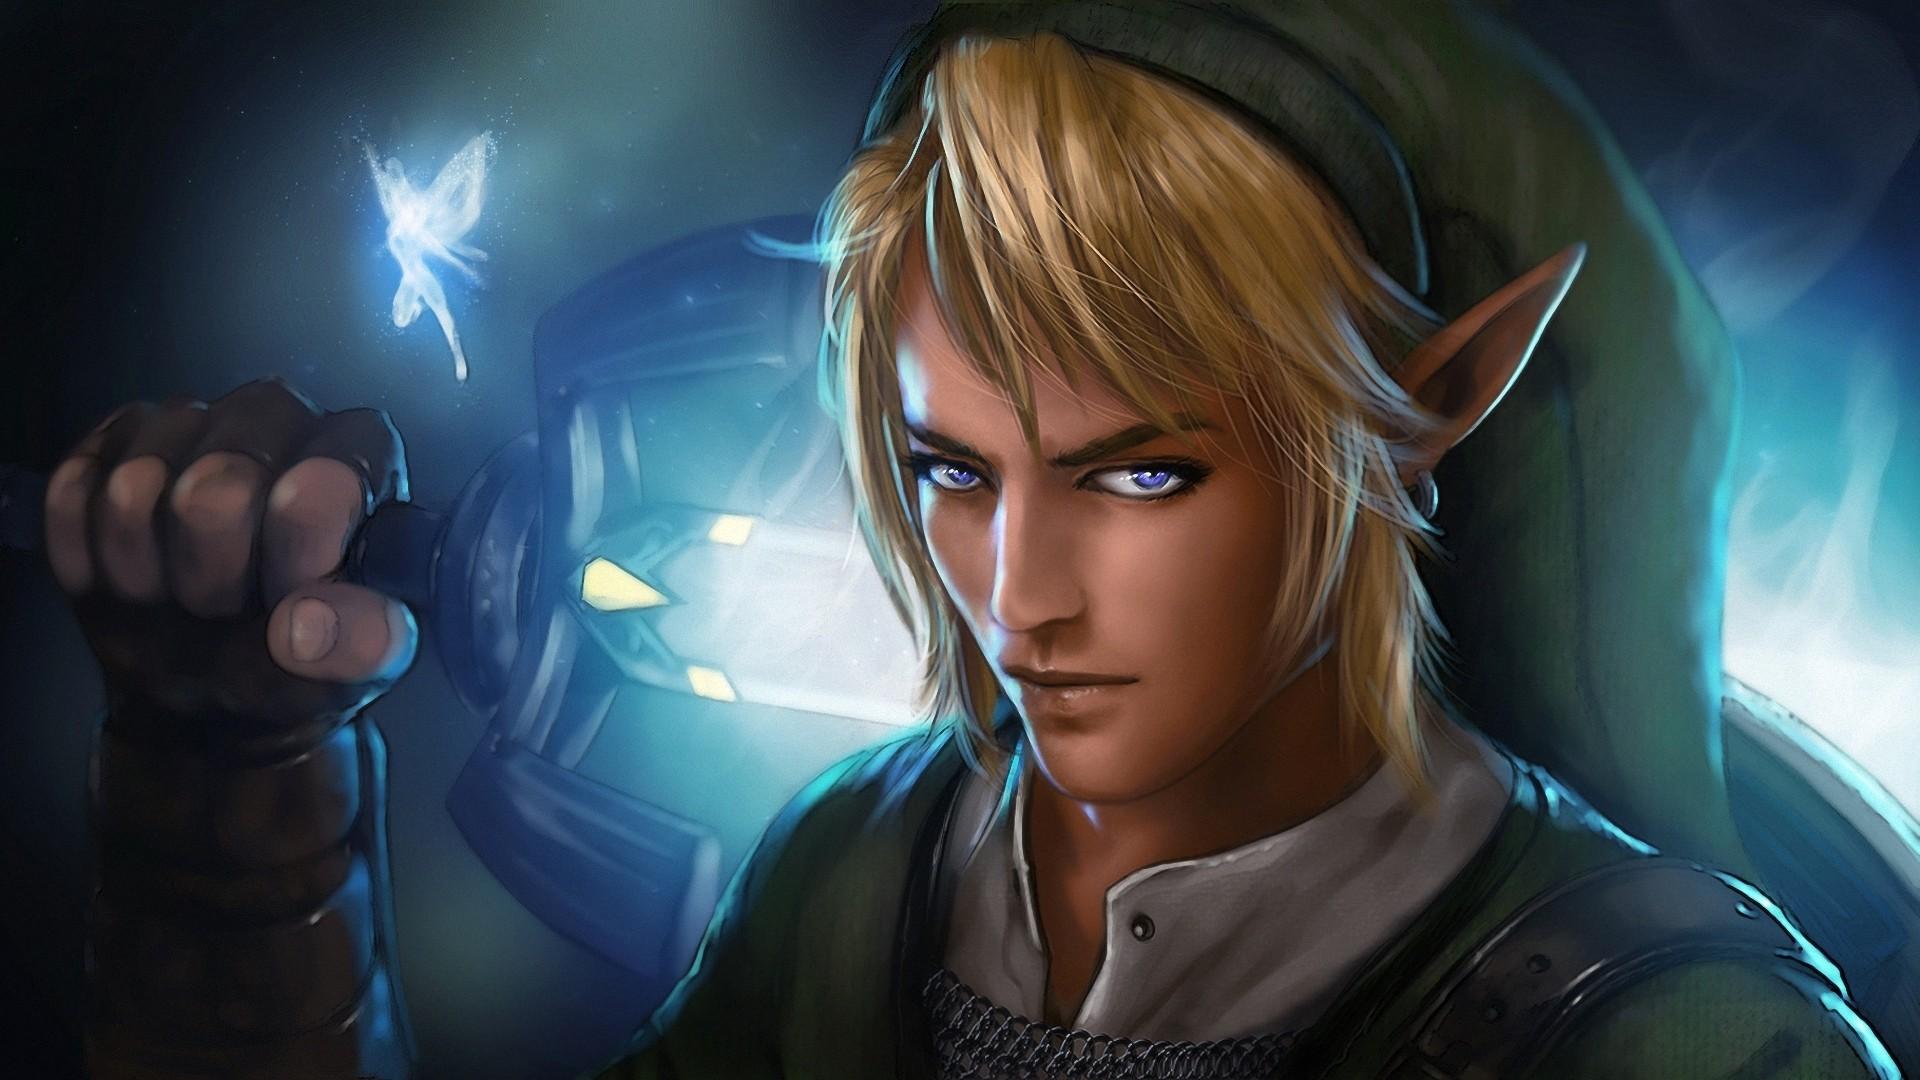 Wallpaper the legend of zelda, link, man, elf, sword, eyes